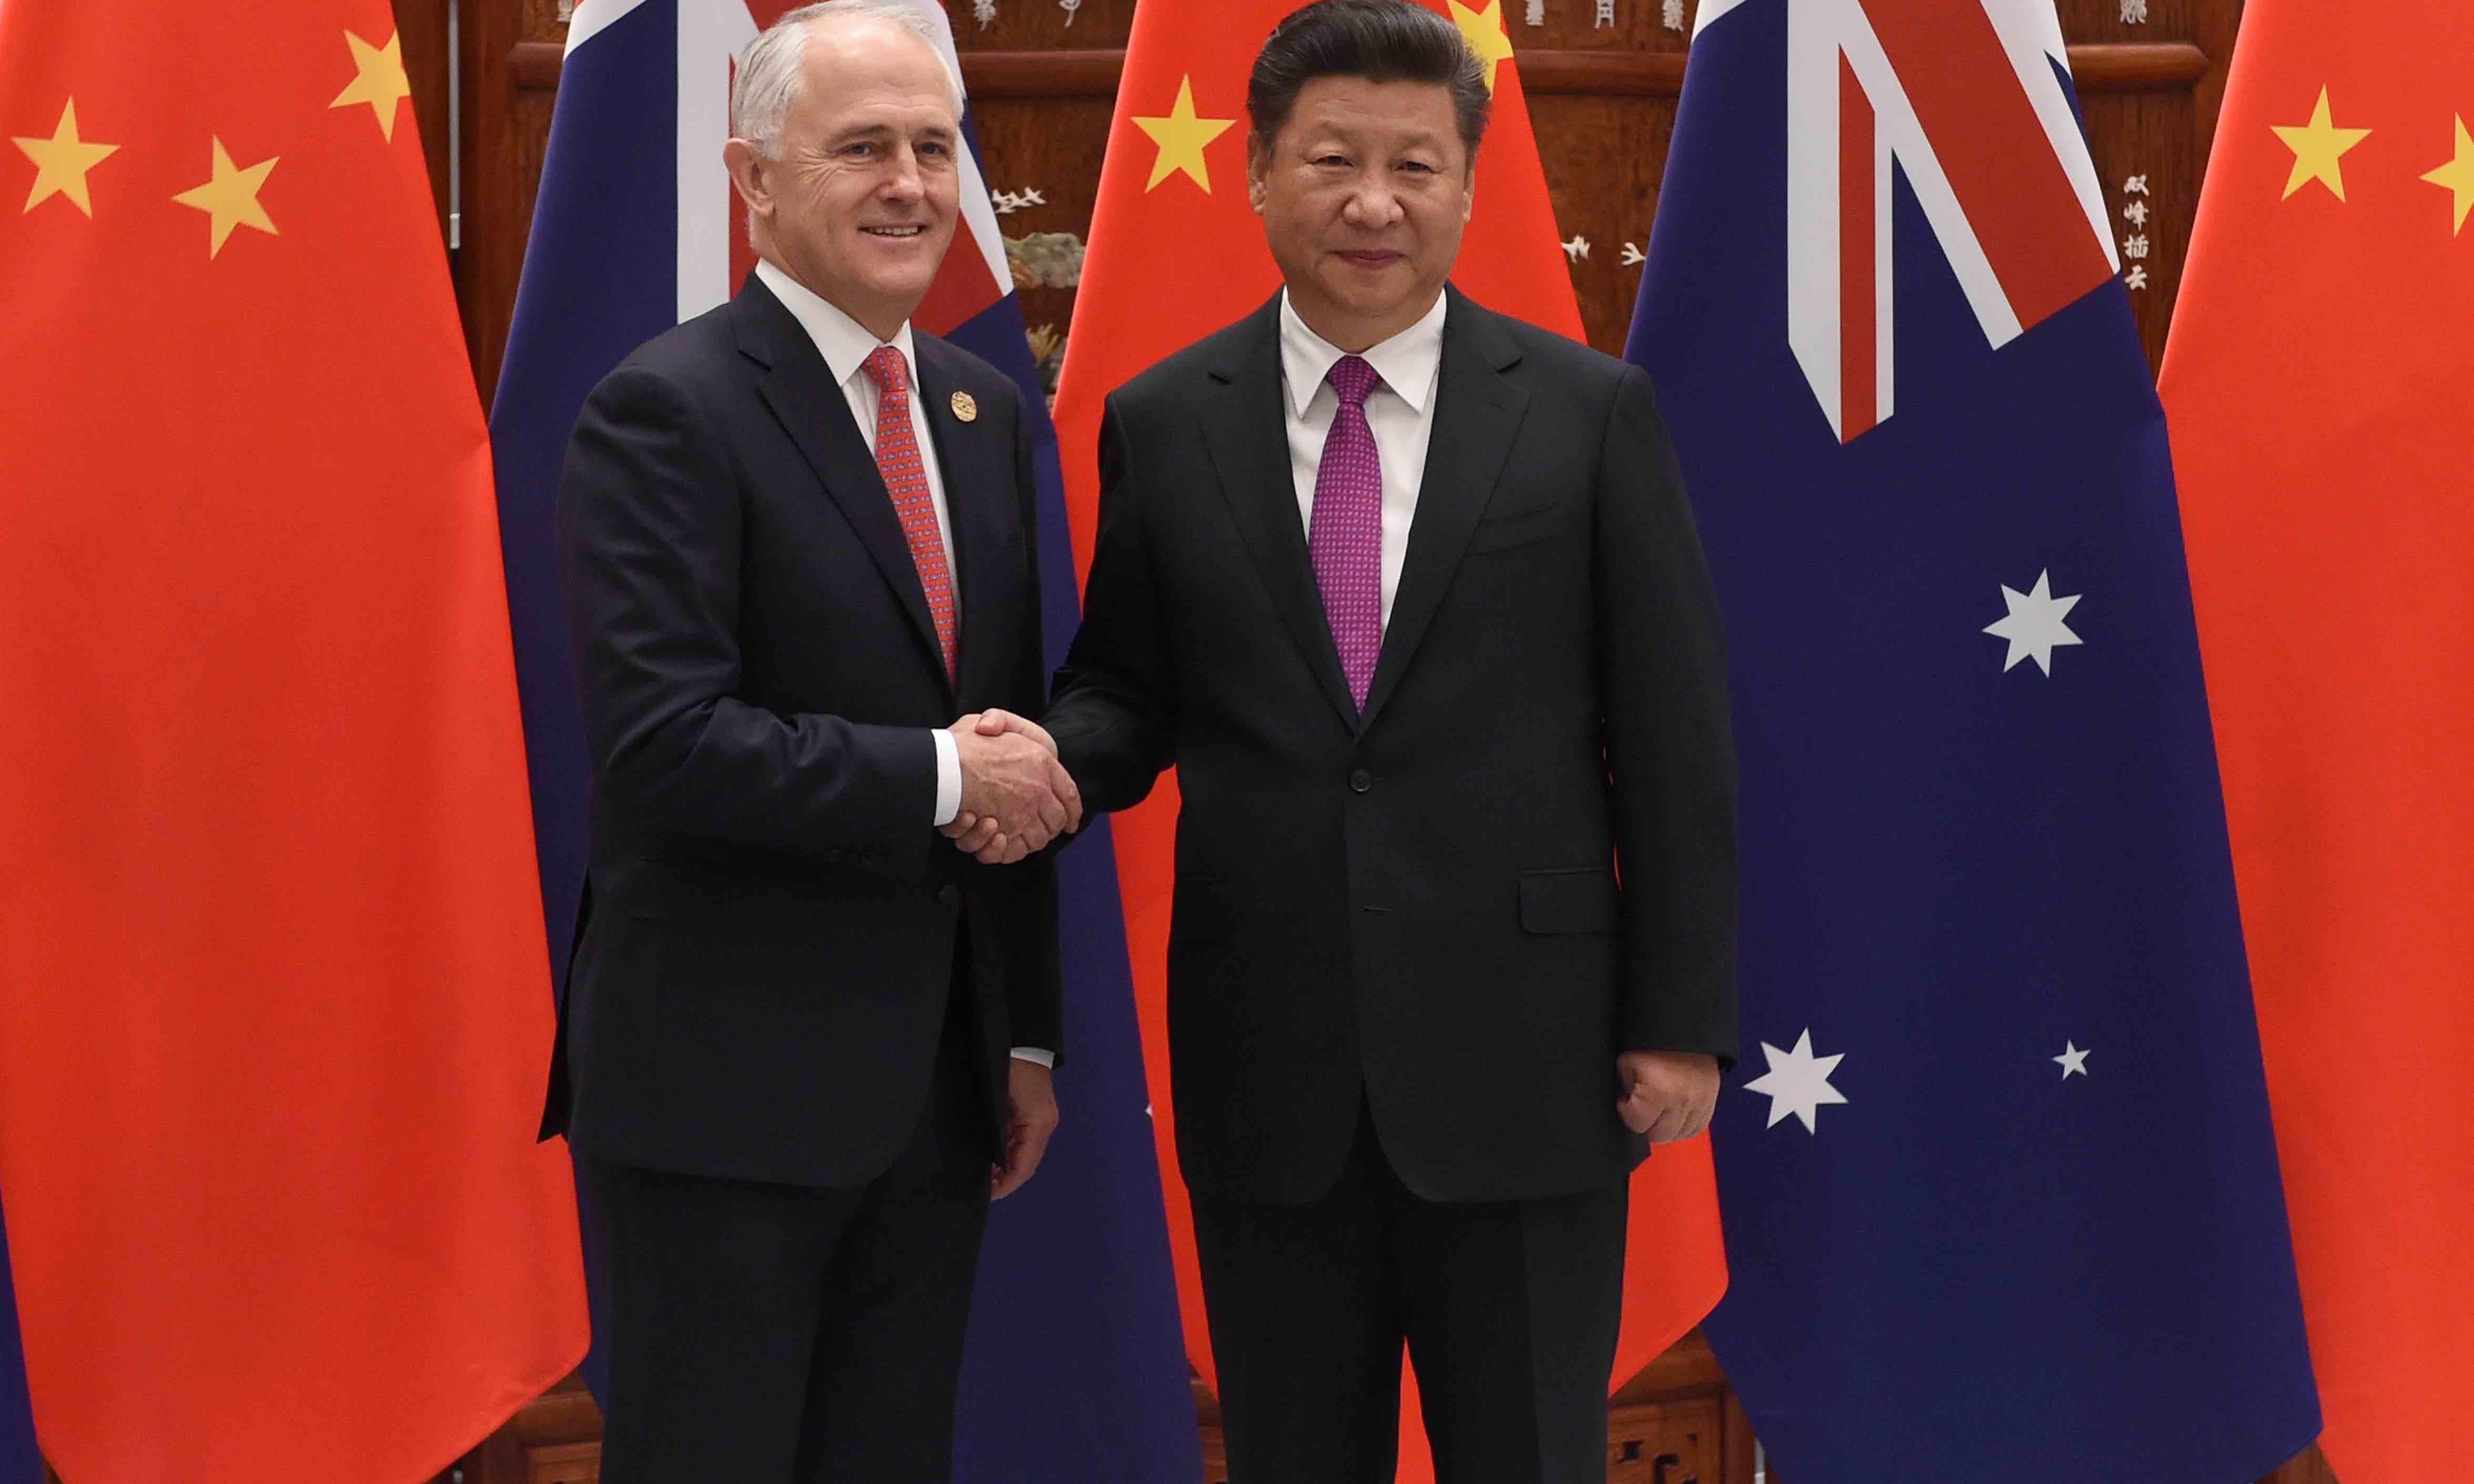 Malcolm Turnbull and Xi Jinping in Hangzhou, China, 4 September 2016 (Photo: Wang Zhou – Pool/Getty)